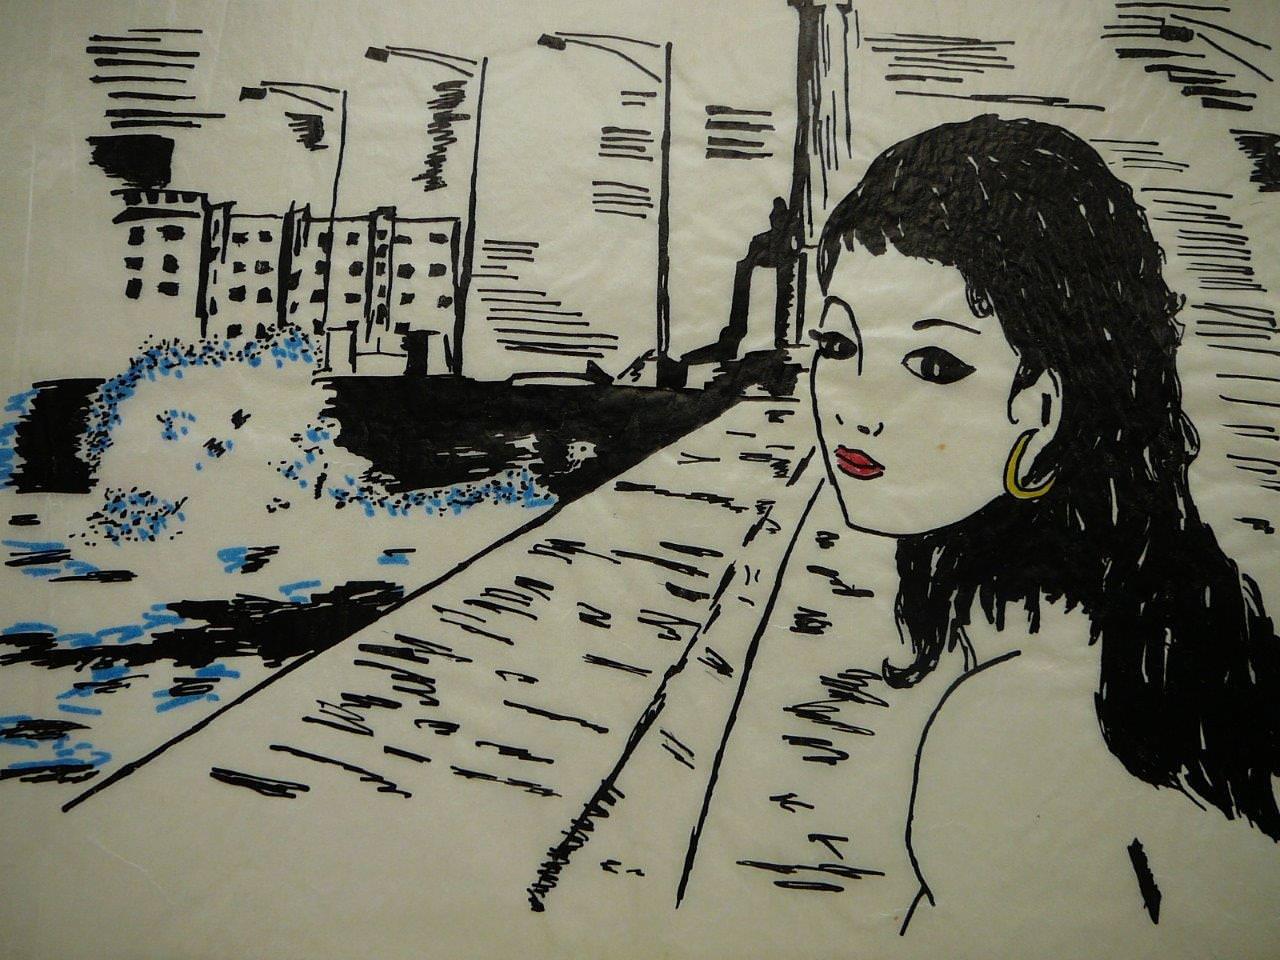 http://cubanos.ru/_data/gallery/foto106/dolkl08.jpg